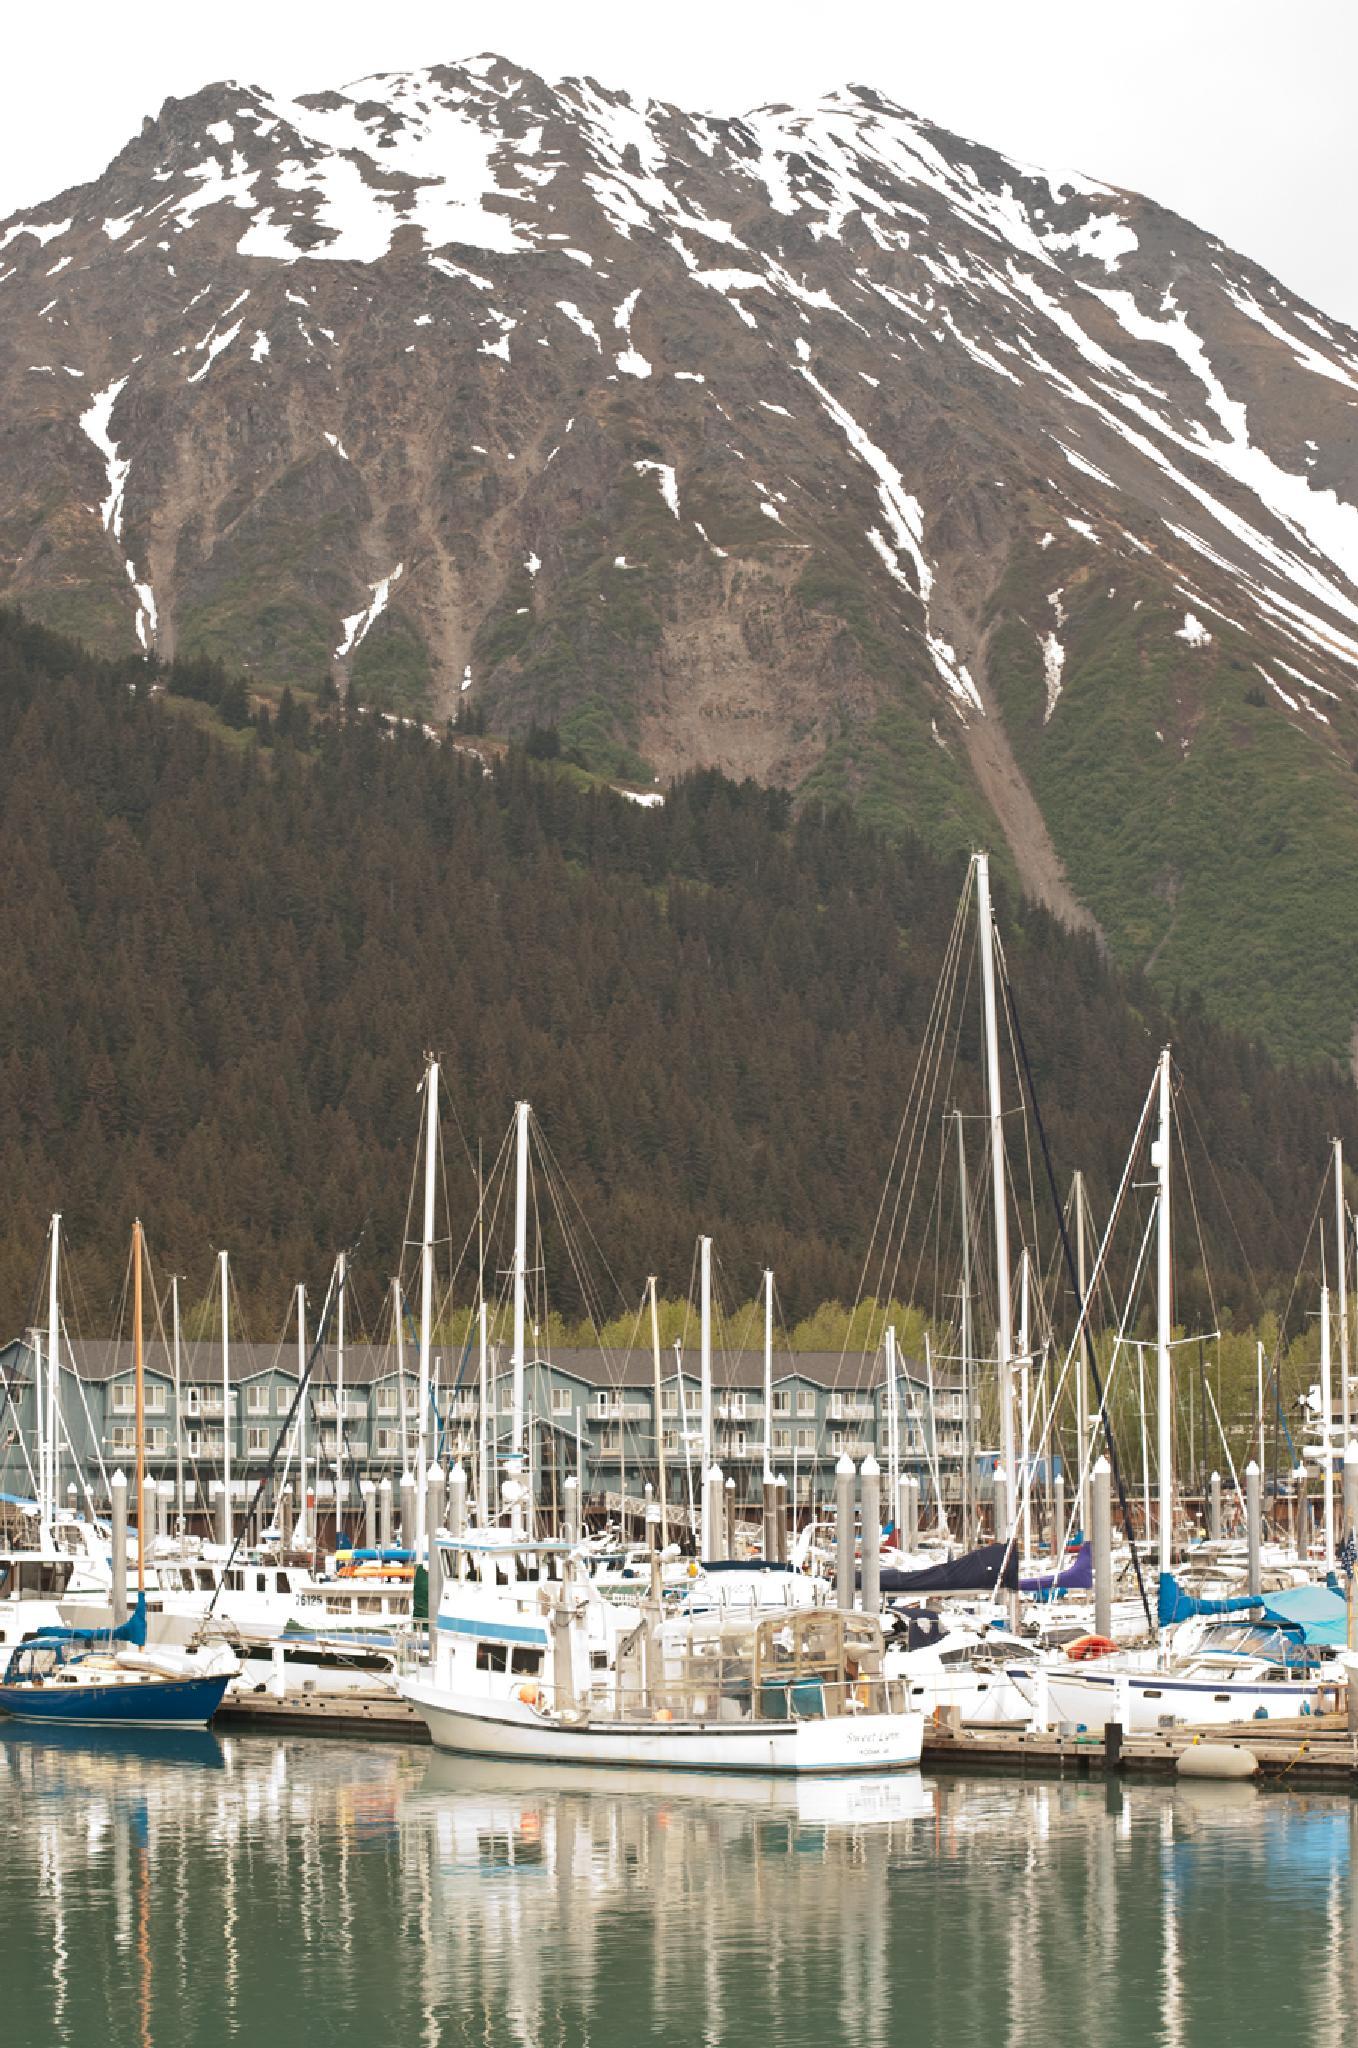 boats in the harbor by debra.louden1